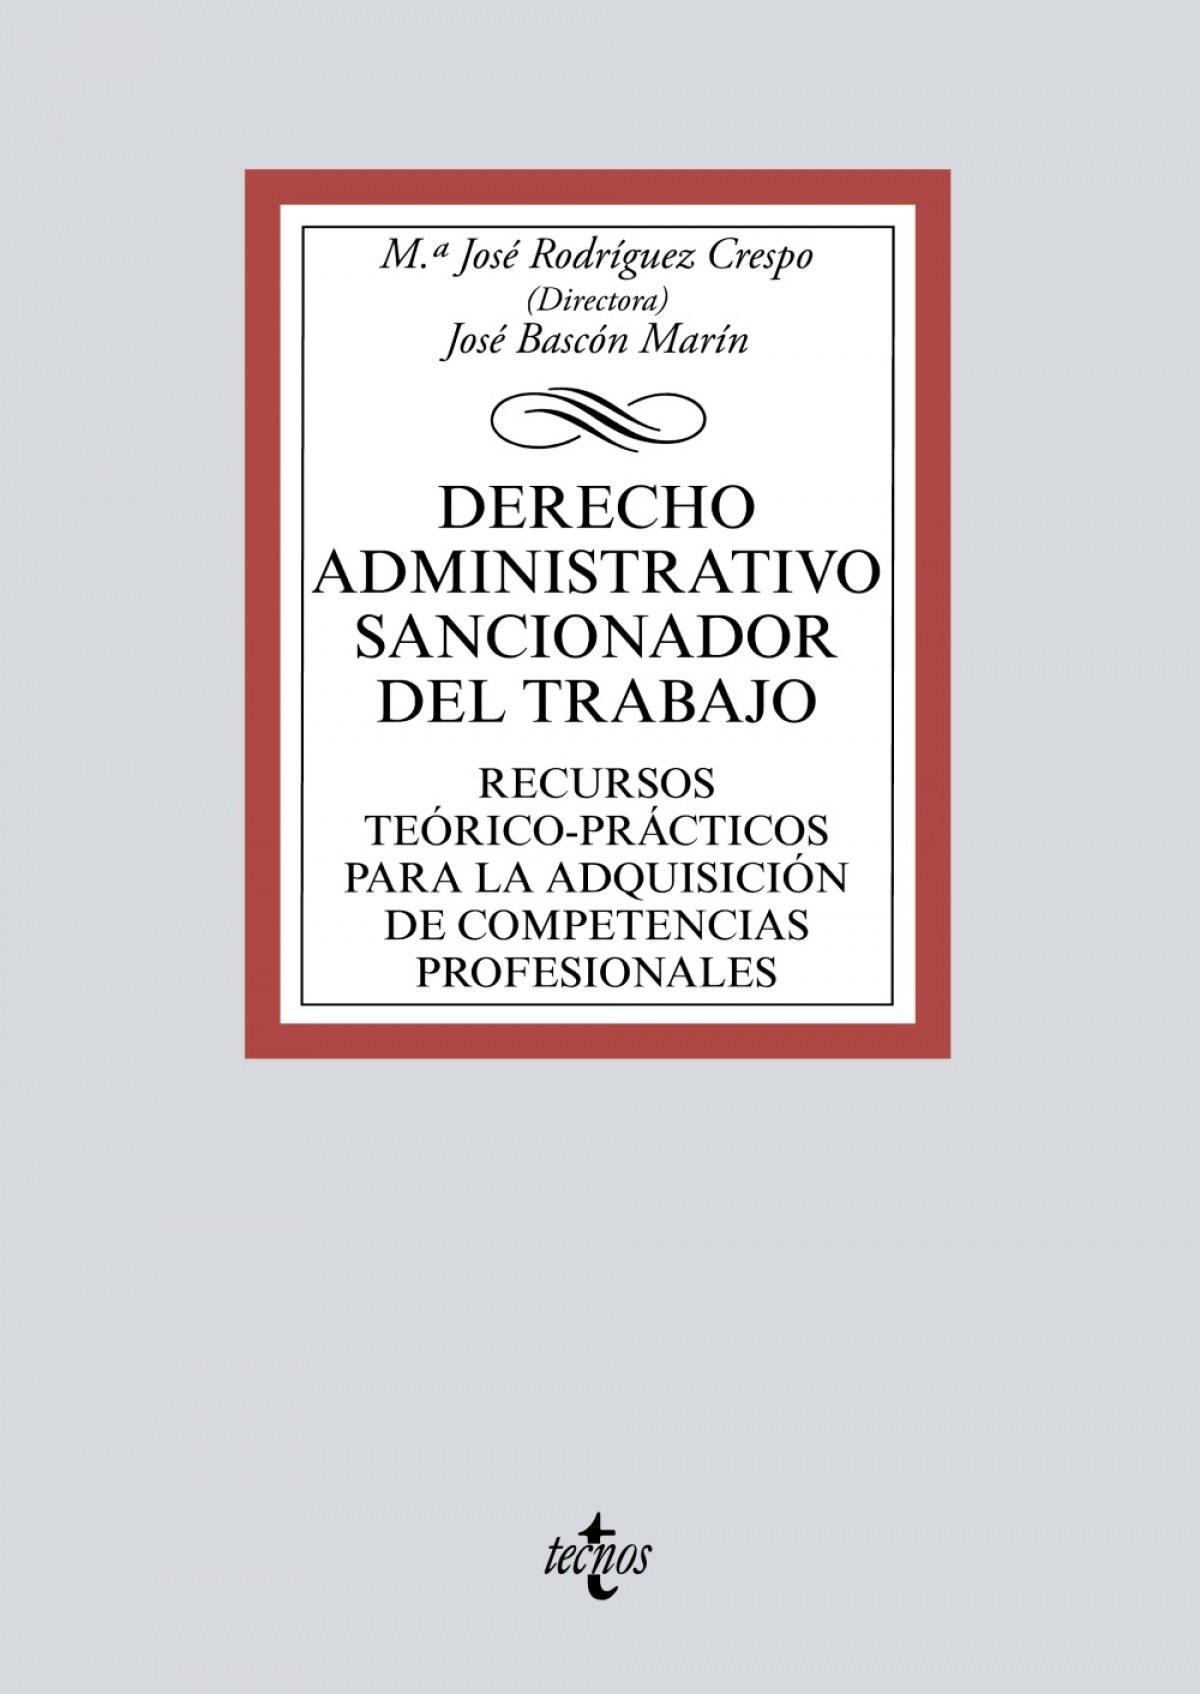 Derecho Administrativo Sancionador del Trabajo